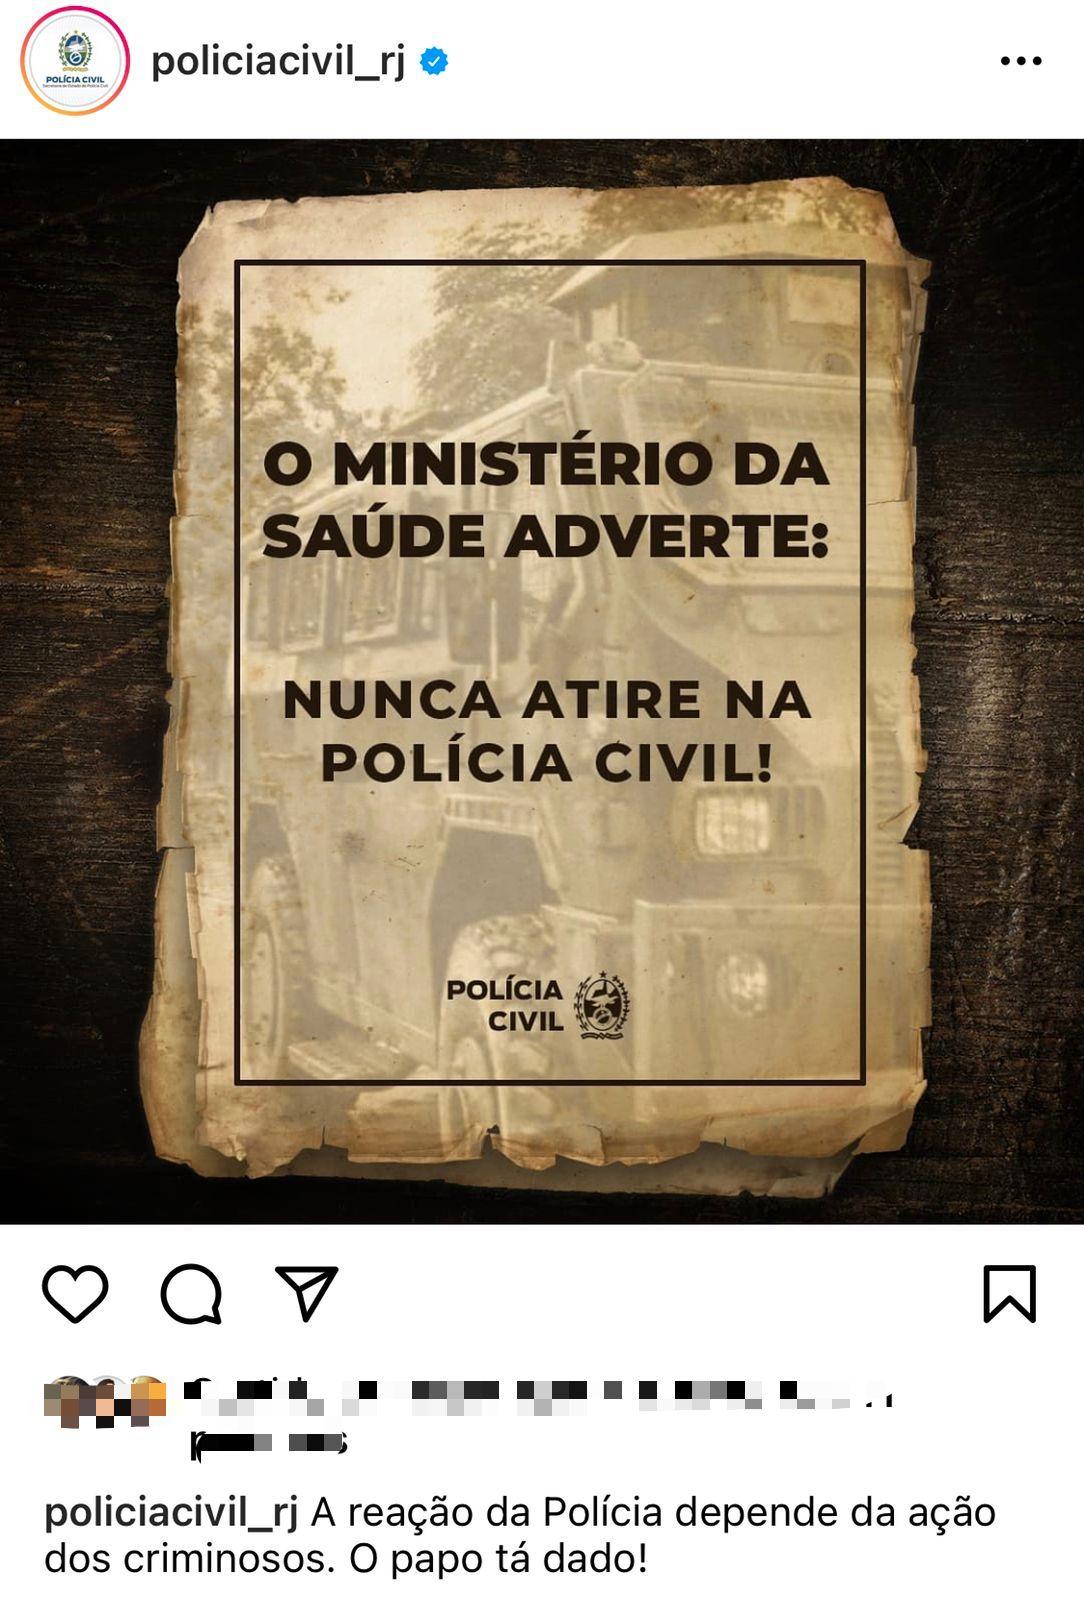 Polícia Civil faz publicação momentos após perseguição